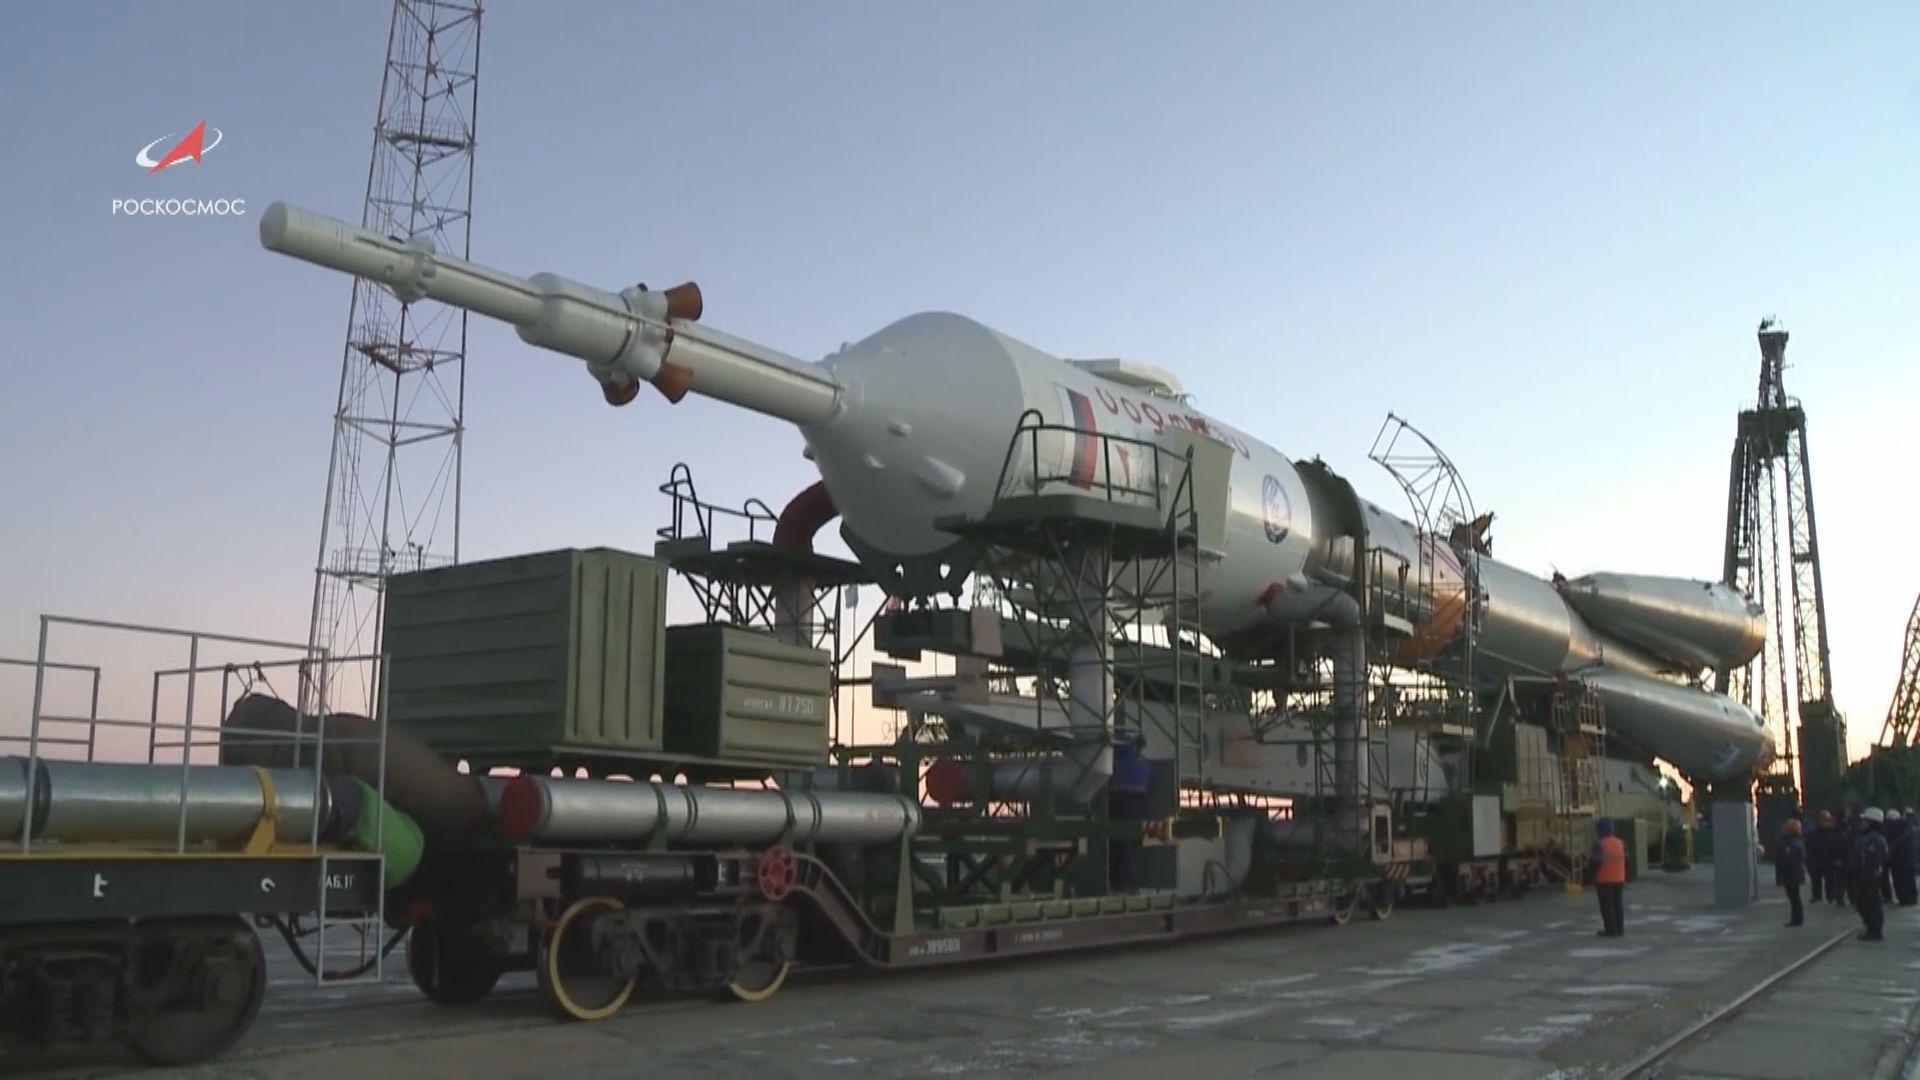 俄羅斯聯盟號太空船周一再度升空